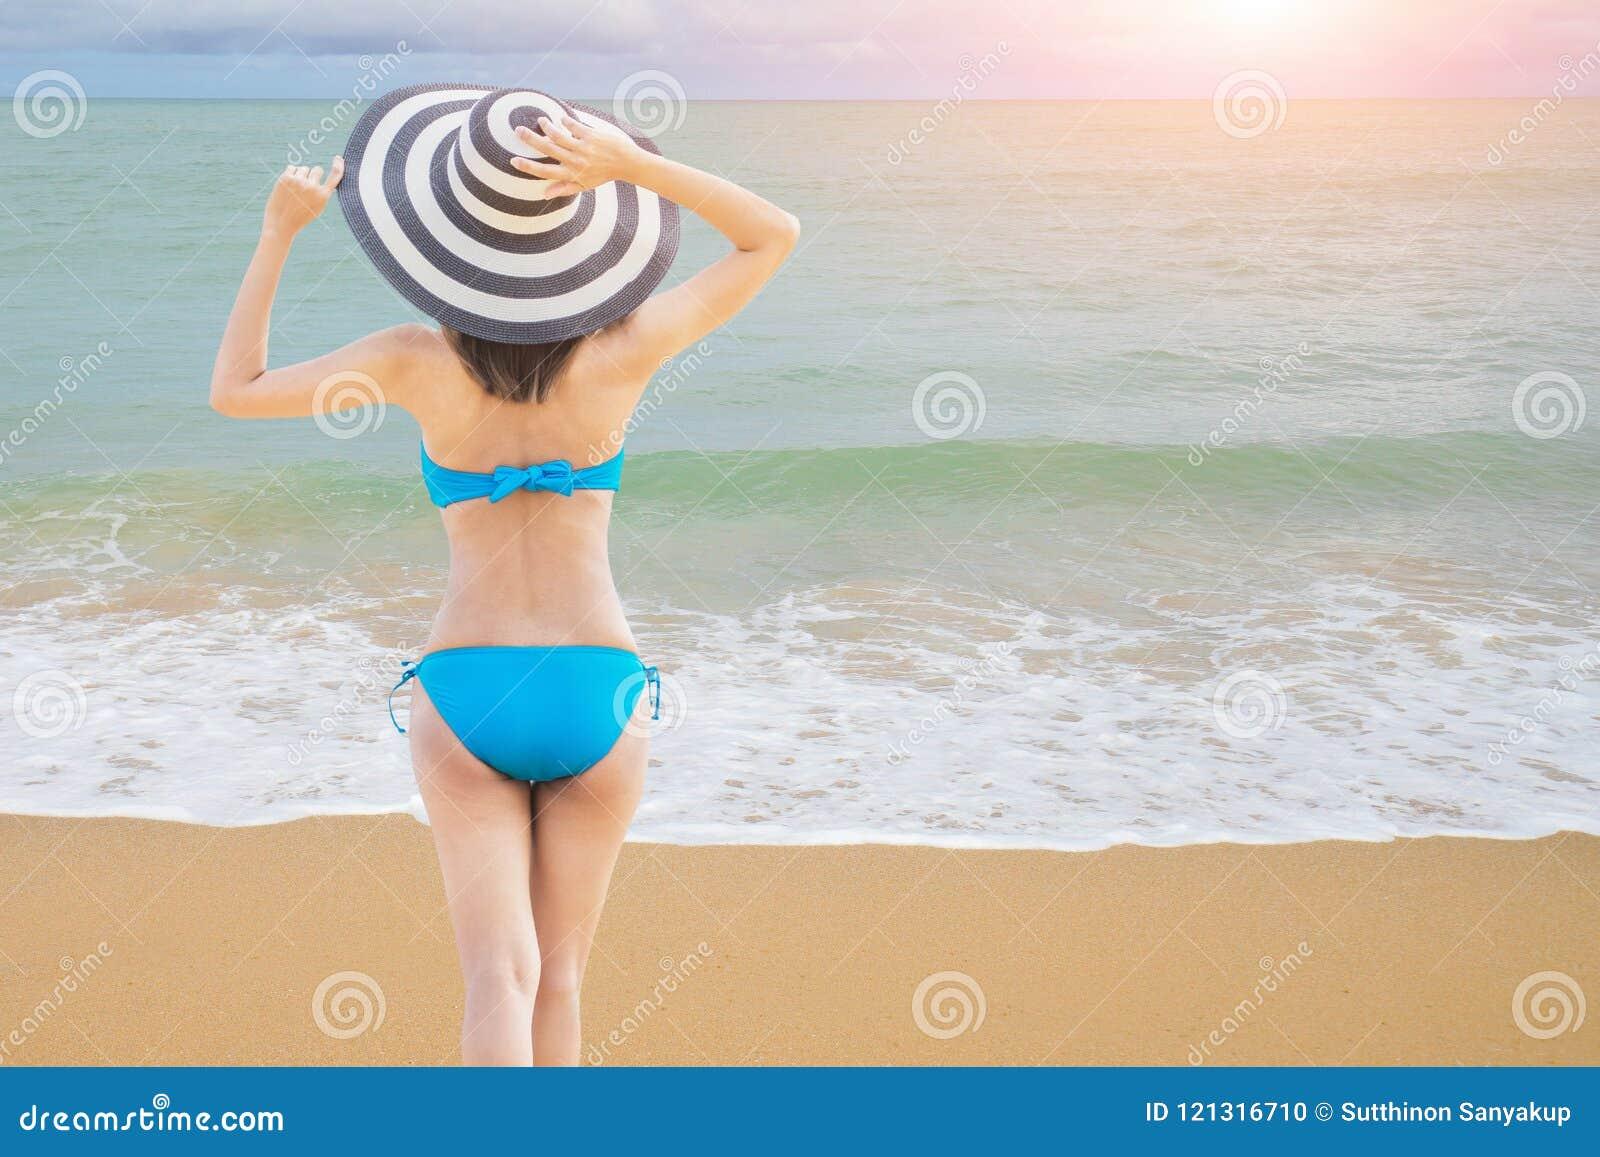 Biquini vestindo da mulher  sexy  bonita nova e relaxamento no Sandy Beach branco perto das ondas do azul na praia tropical